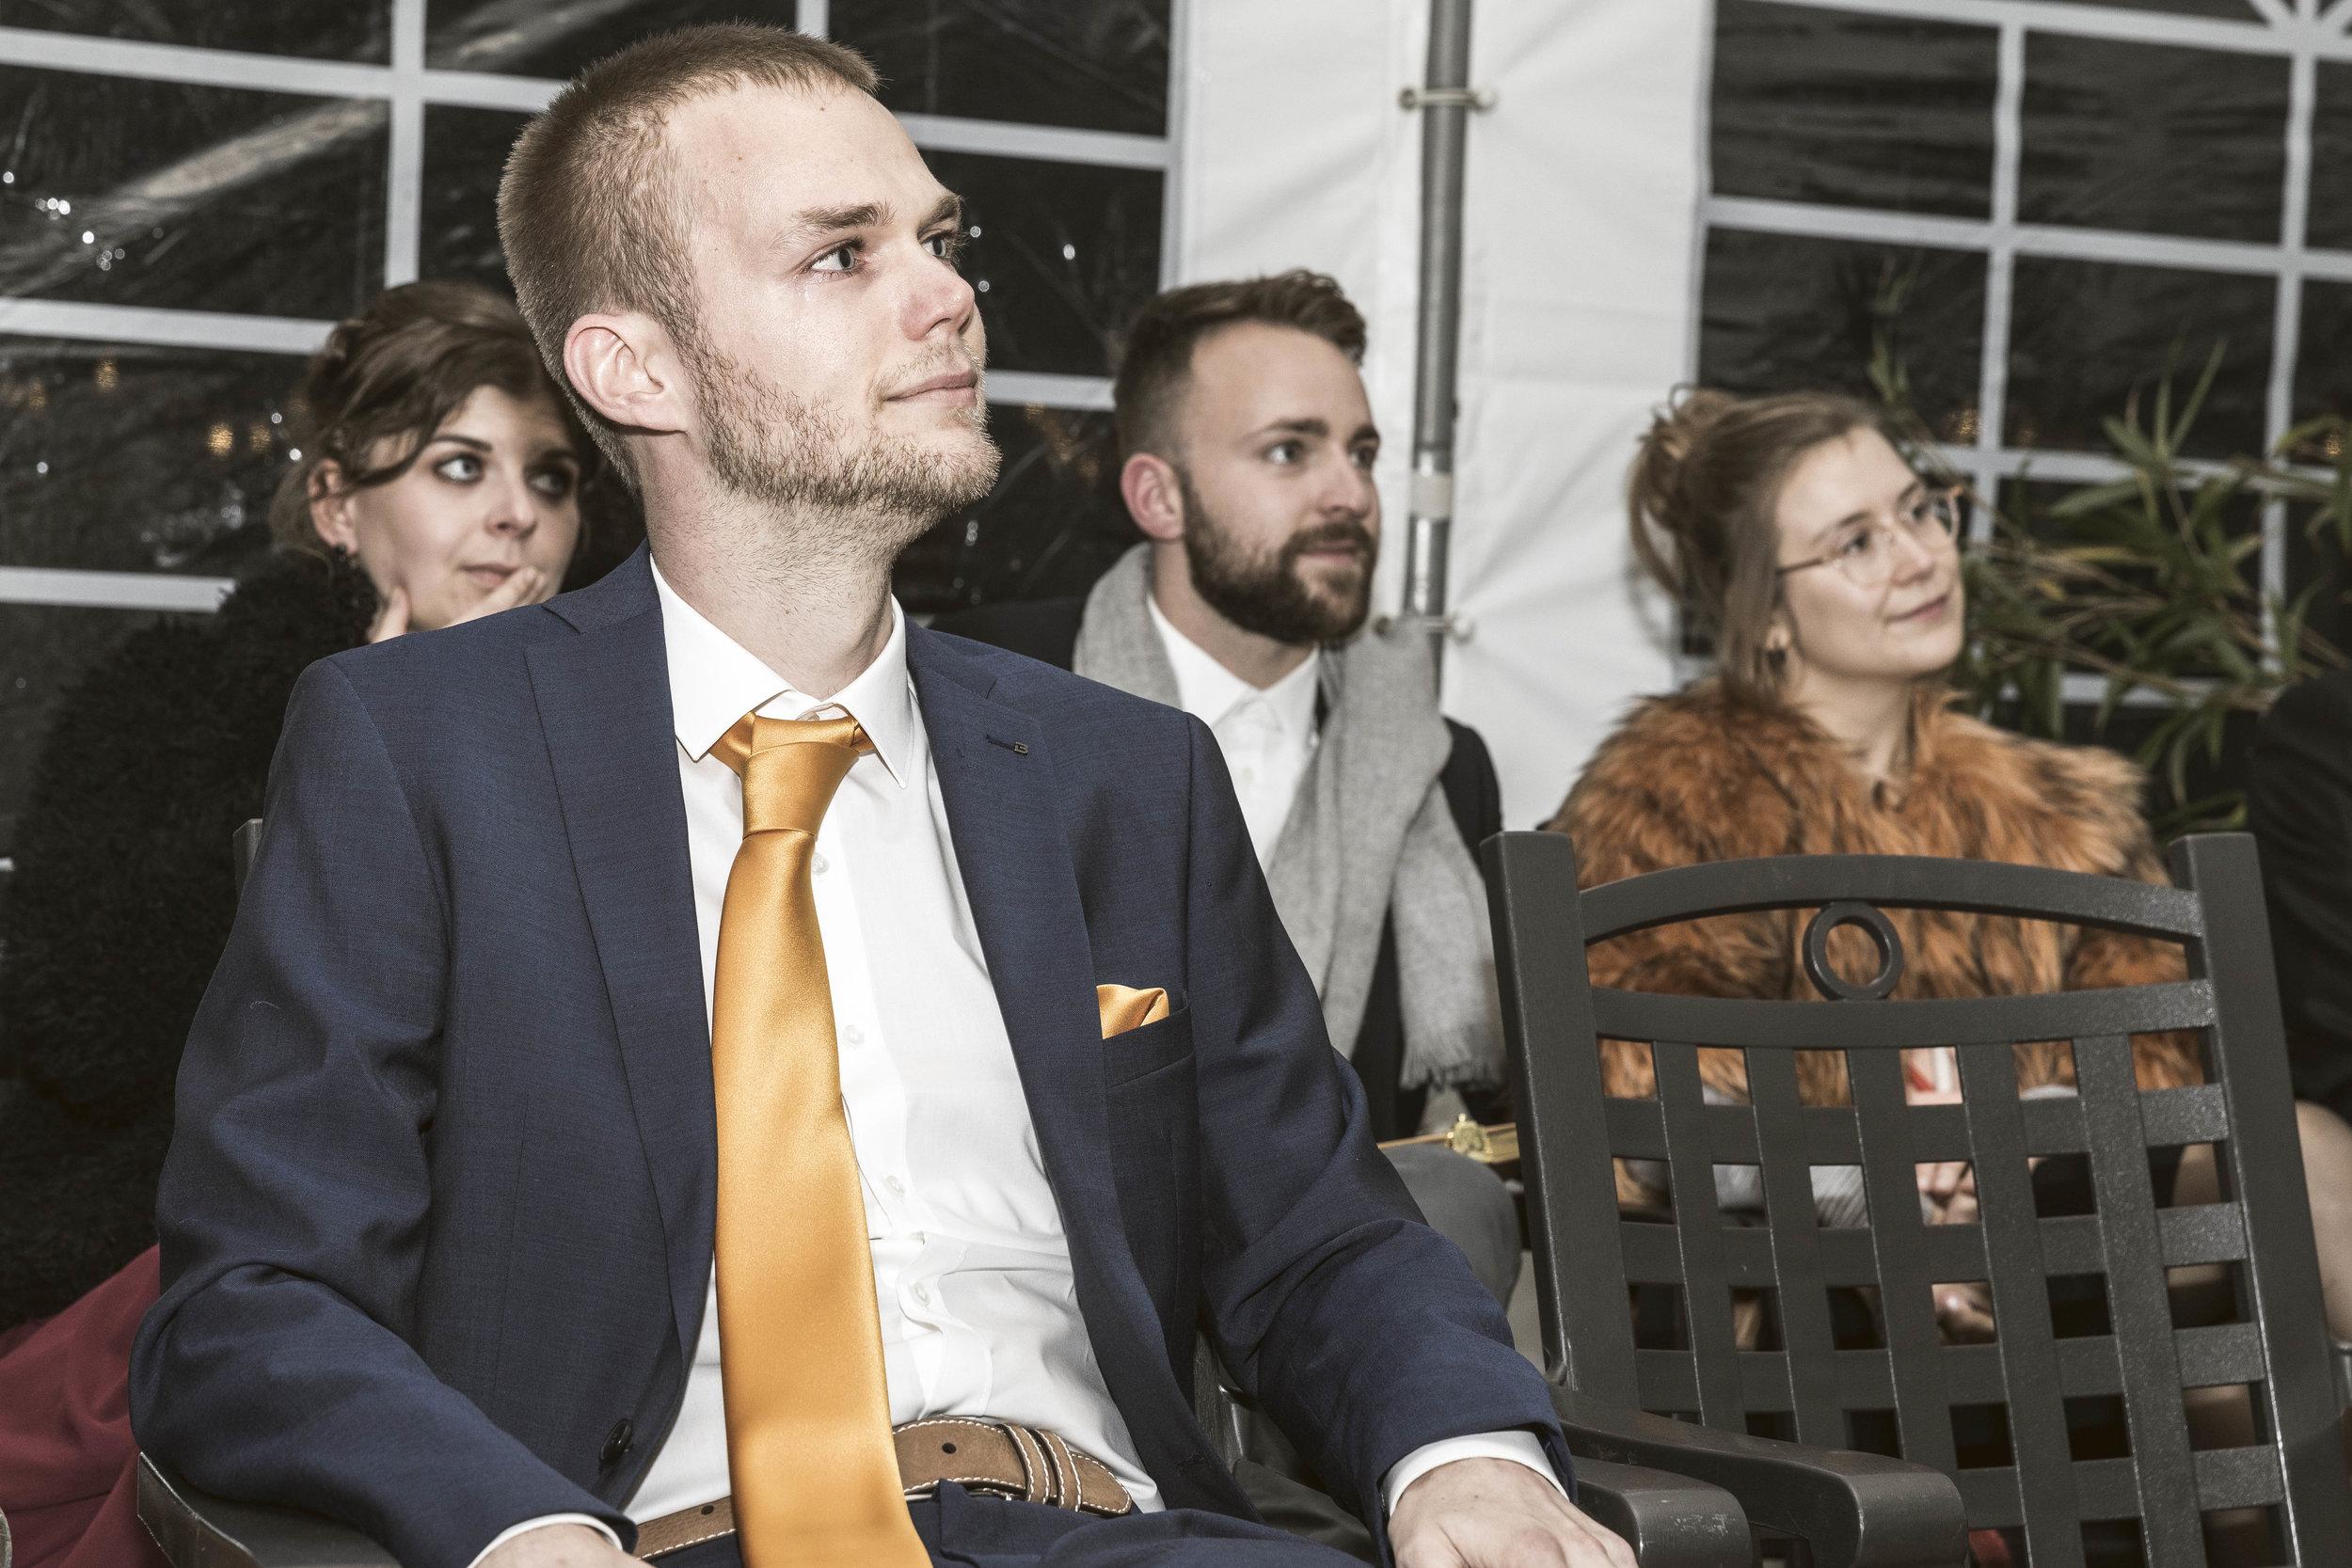 Huwelijk-Karo-Steven-20171216-Alexis-Breugelmans-026.jpg